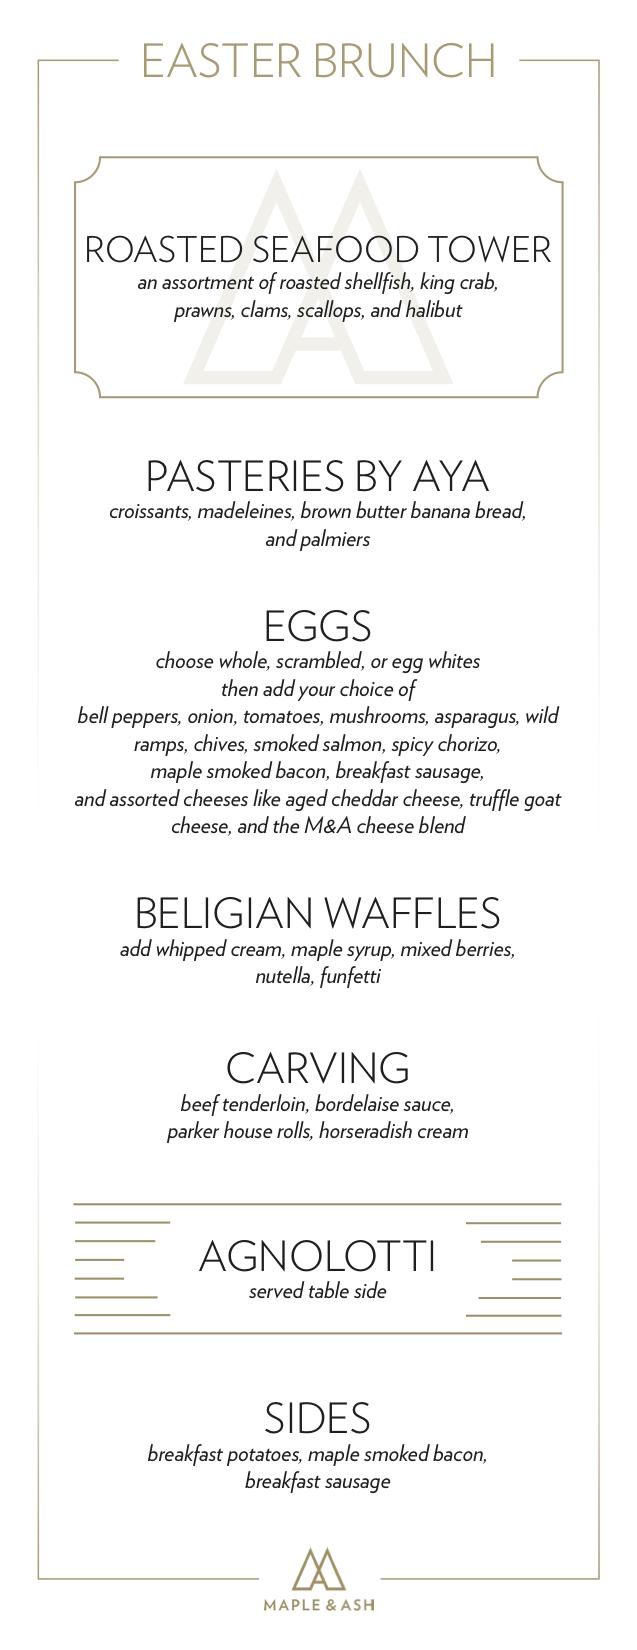 Easter Brunch Menu for Maple & Ash Restaurant